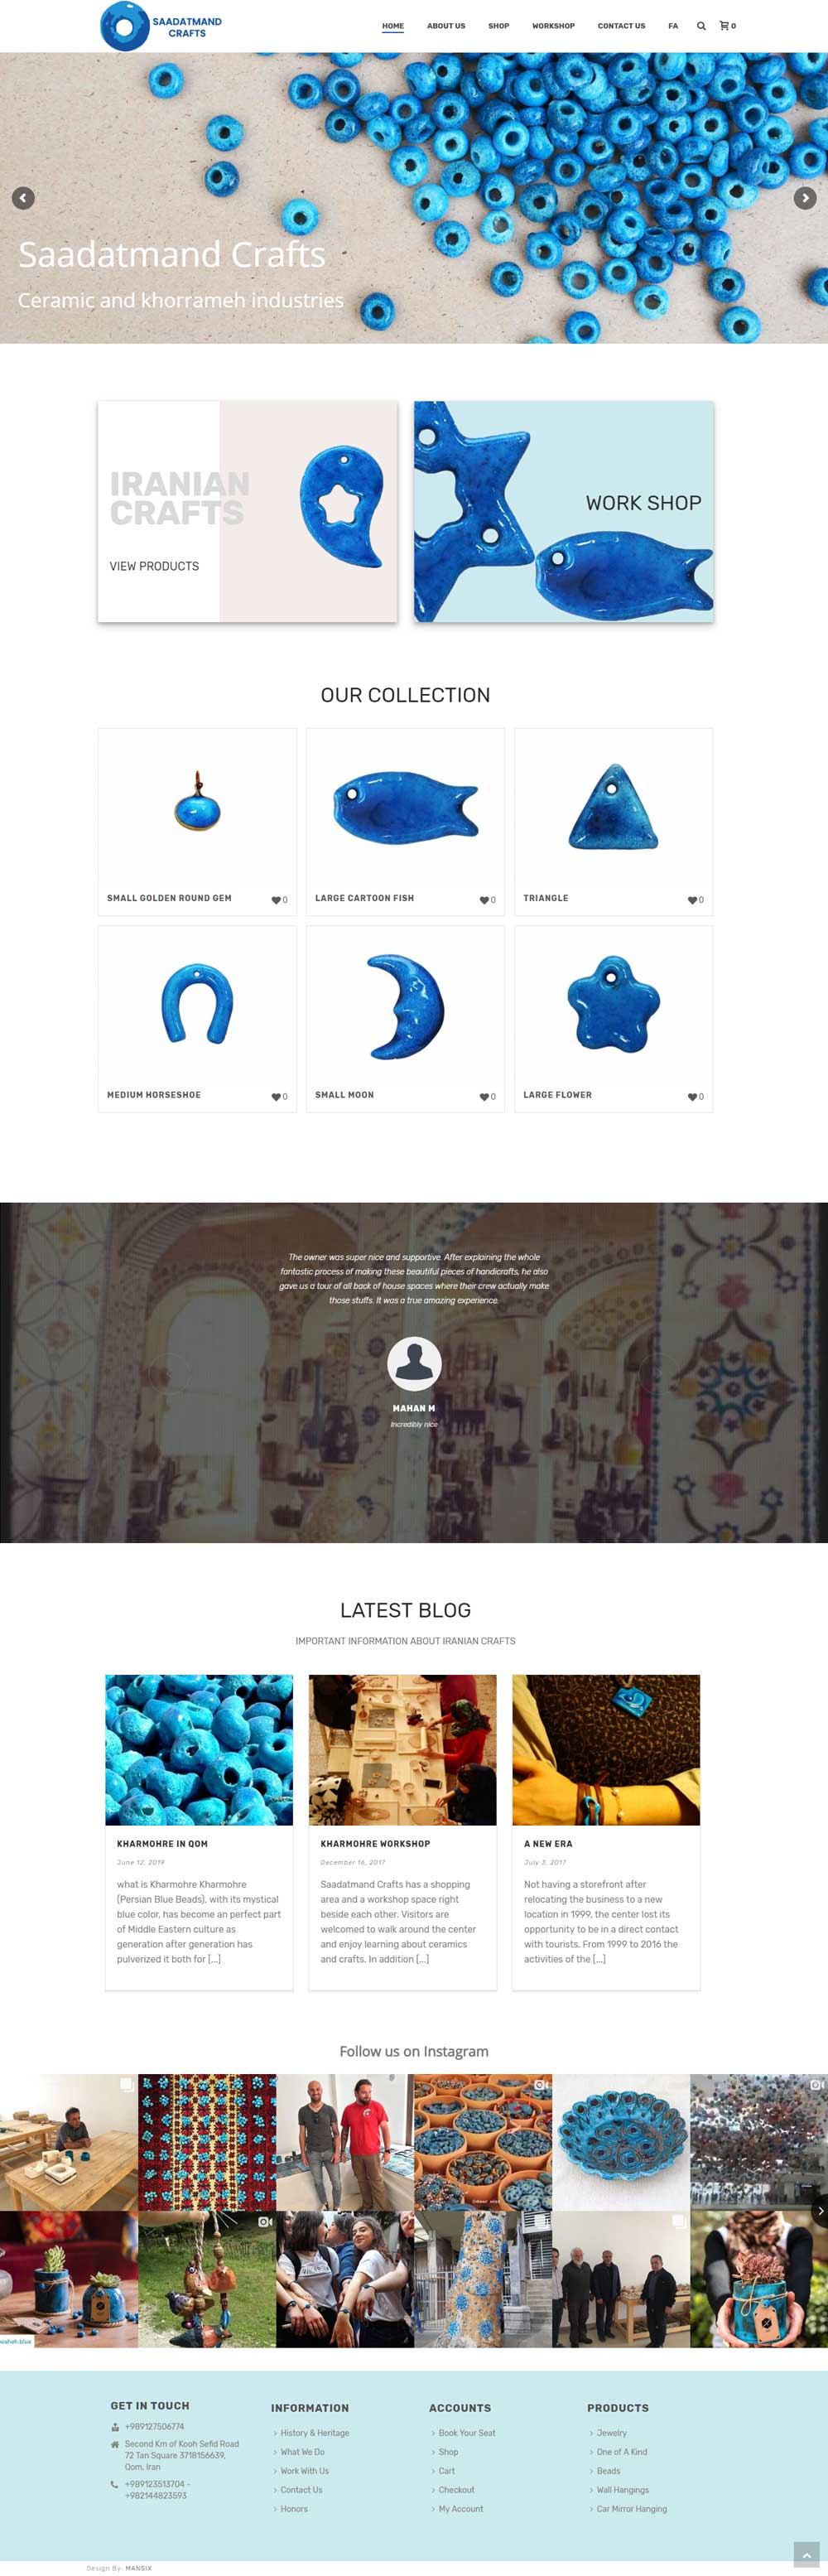 طراحی سایت صنایع دستی